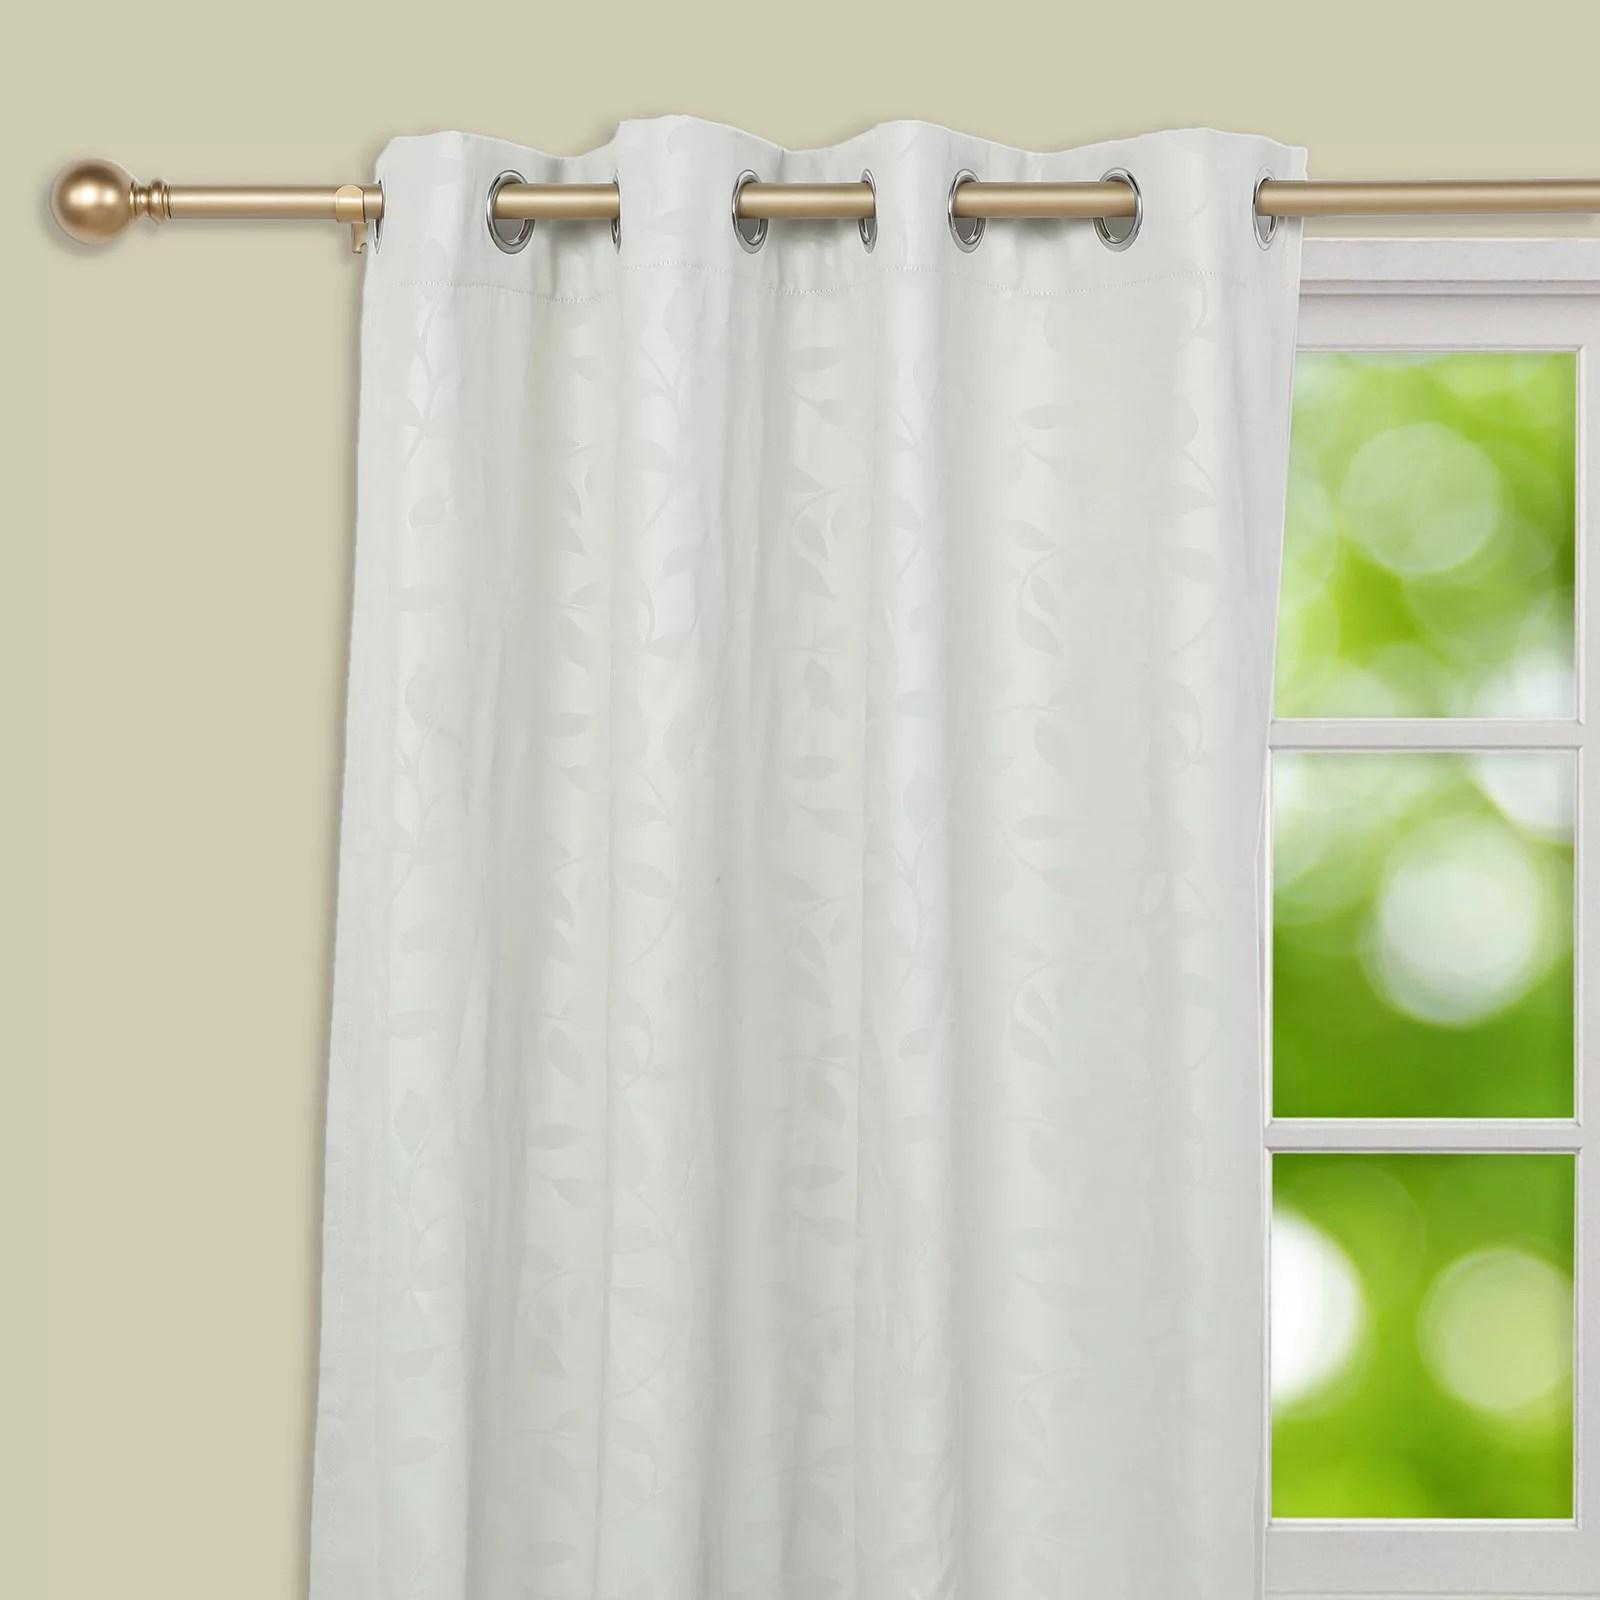 curtain hardware walmart com